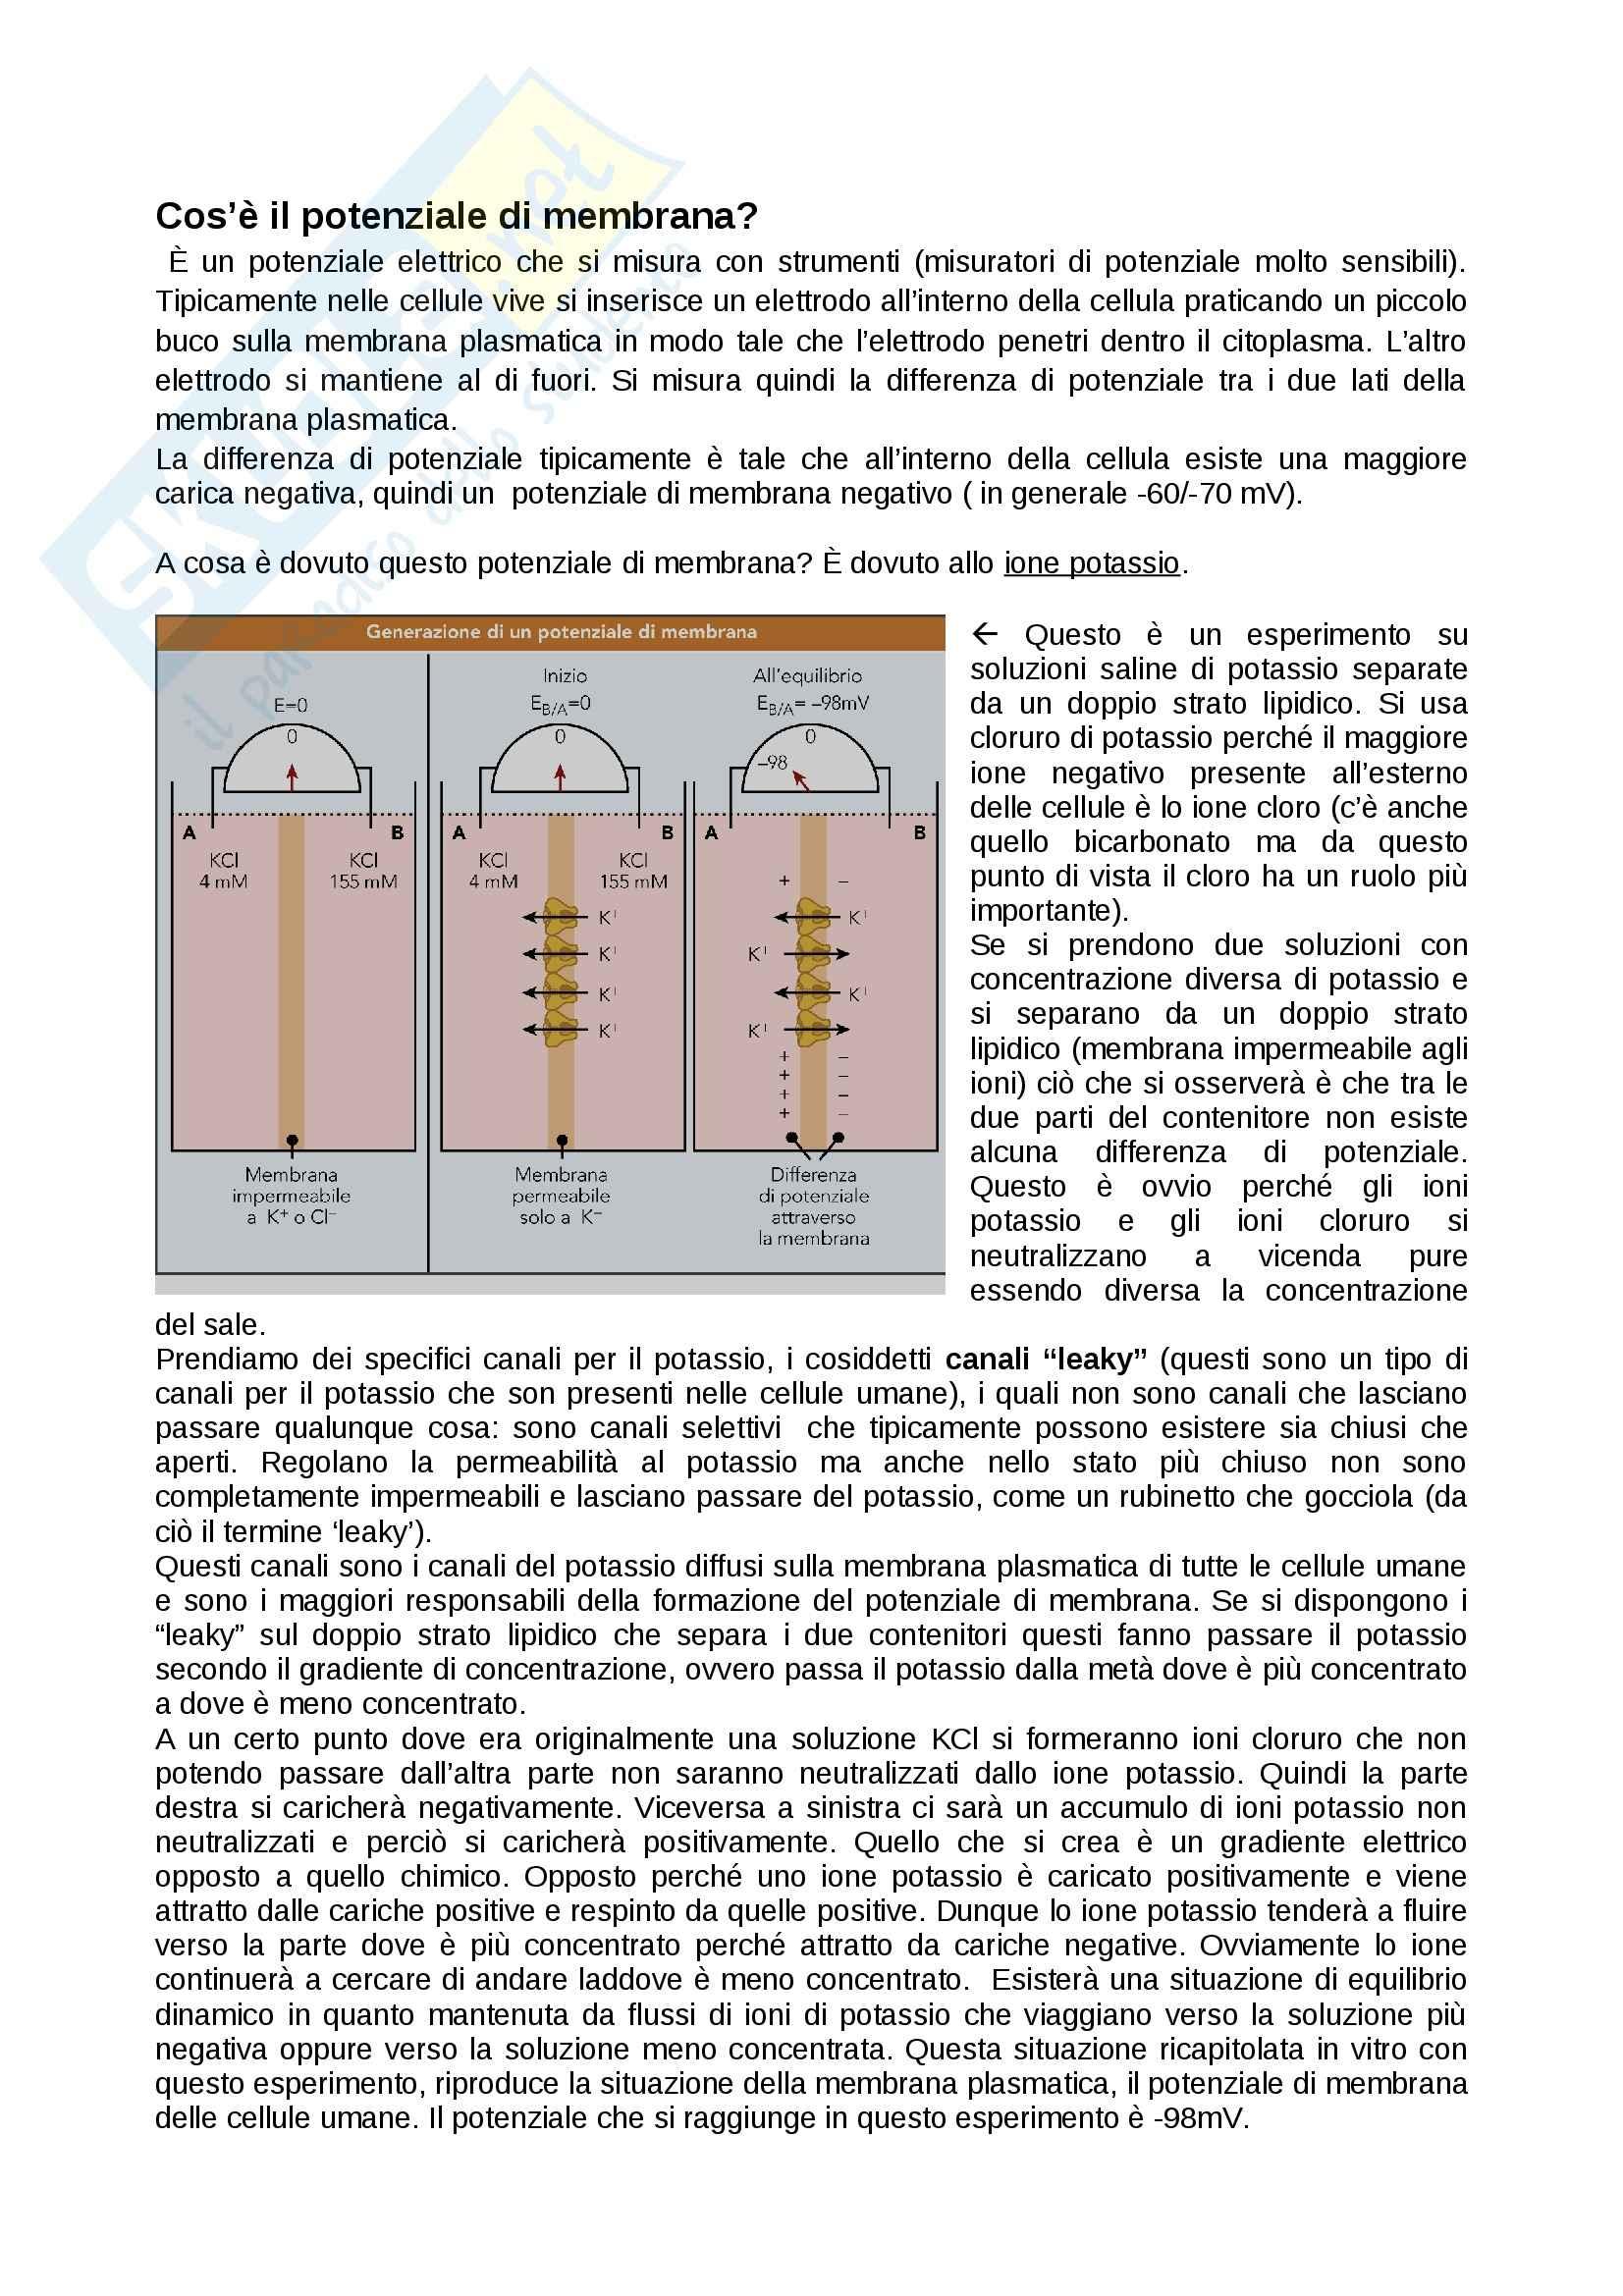 Citologia - potenziale di membrana e il potenziale d'azione